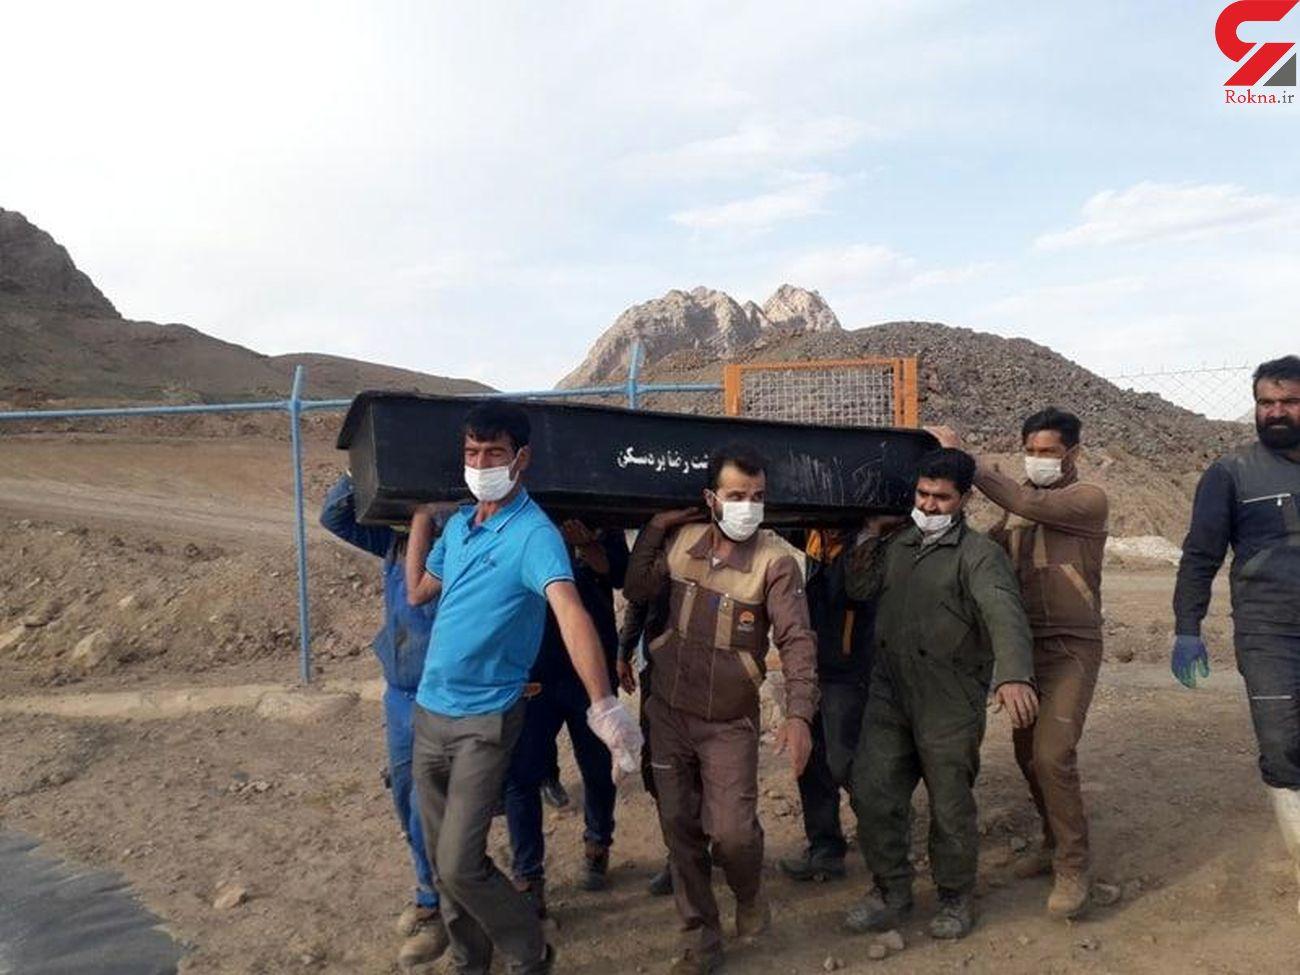 کشف جسد بی جان ۳۴ ساله از معدن طلا در خراسان رضوی